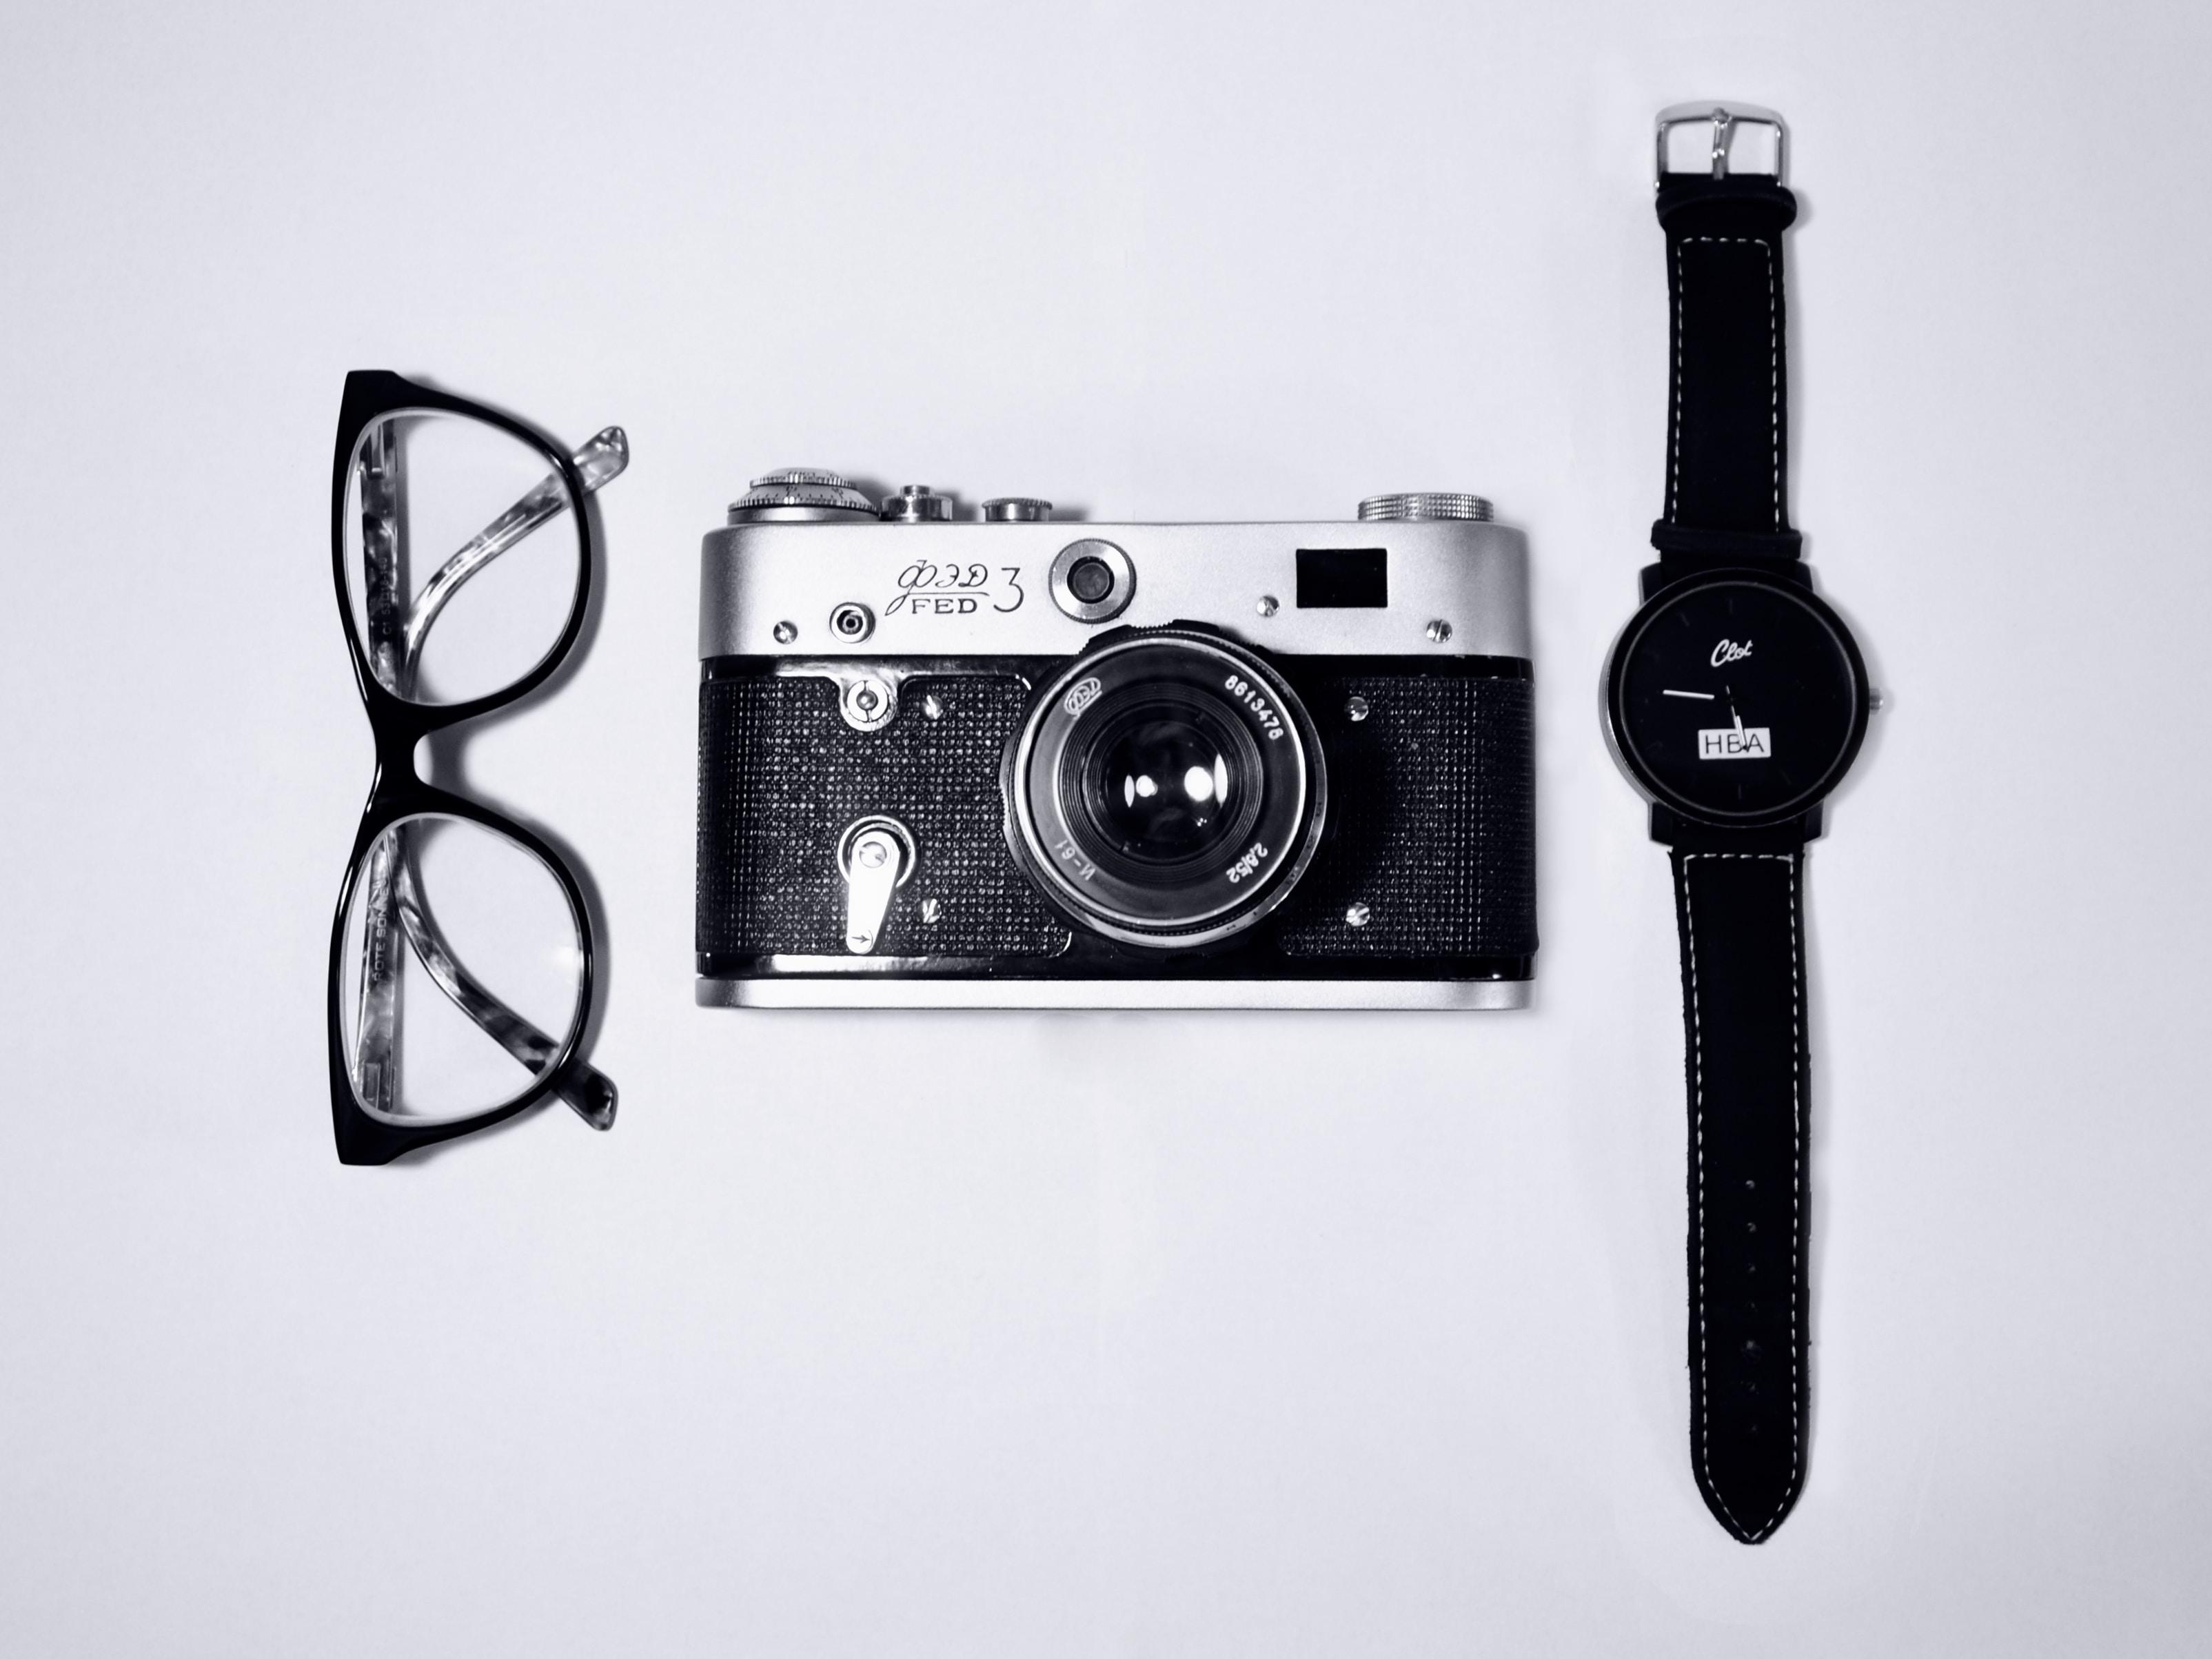 Retro items on white table photo by Dmitry Ratushny ...